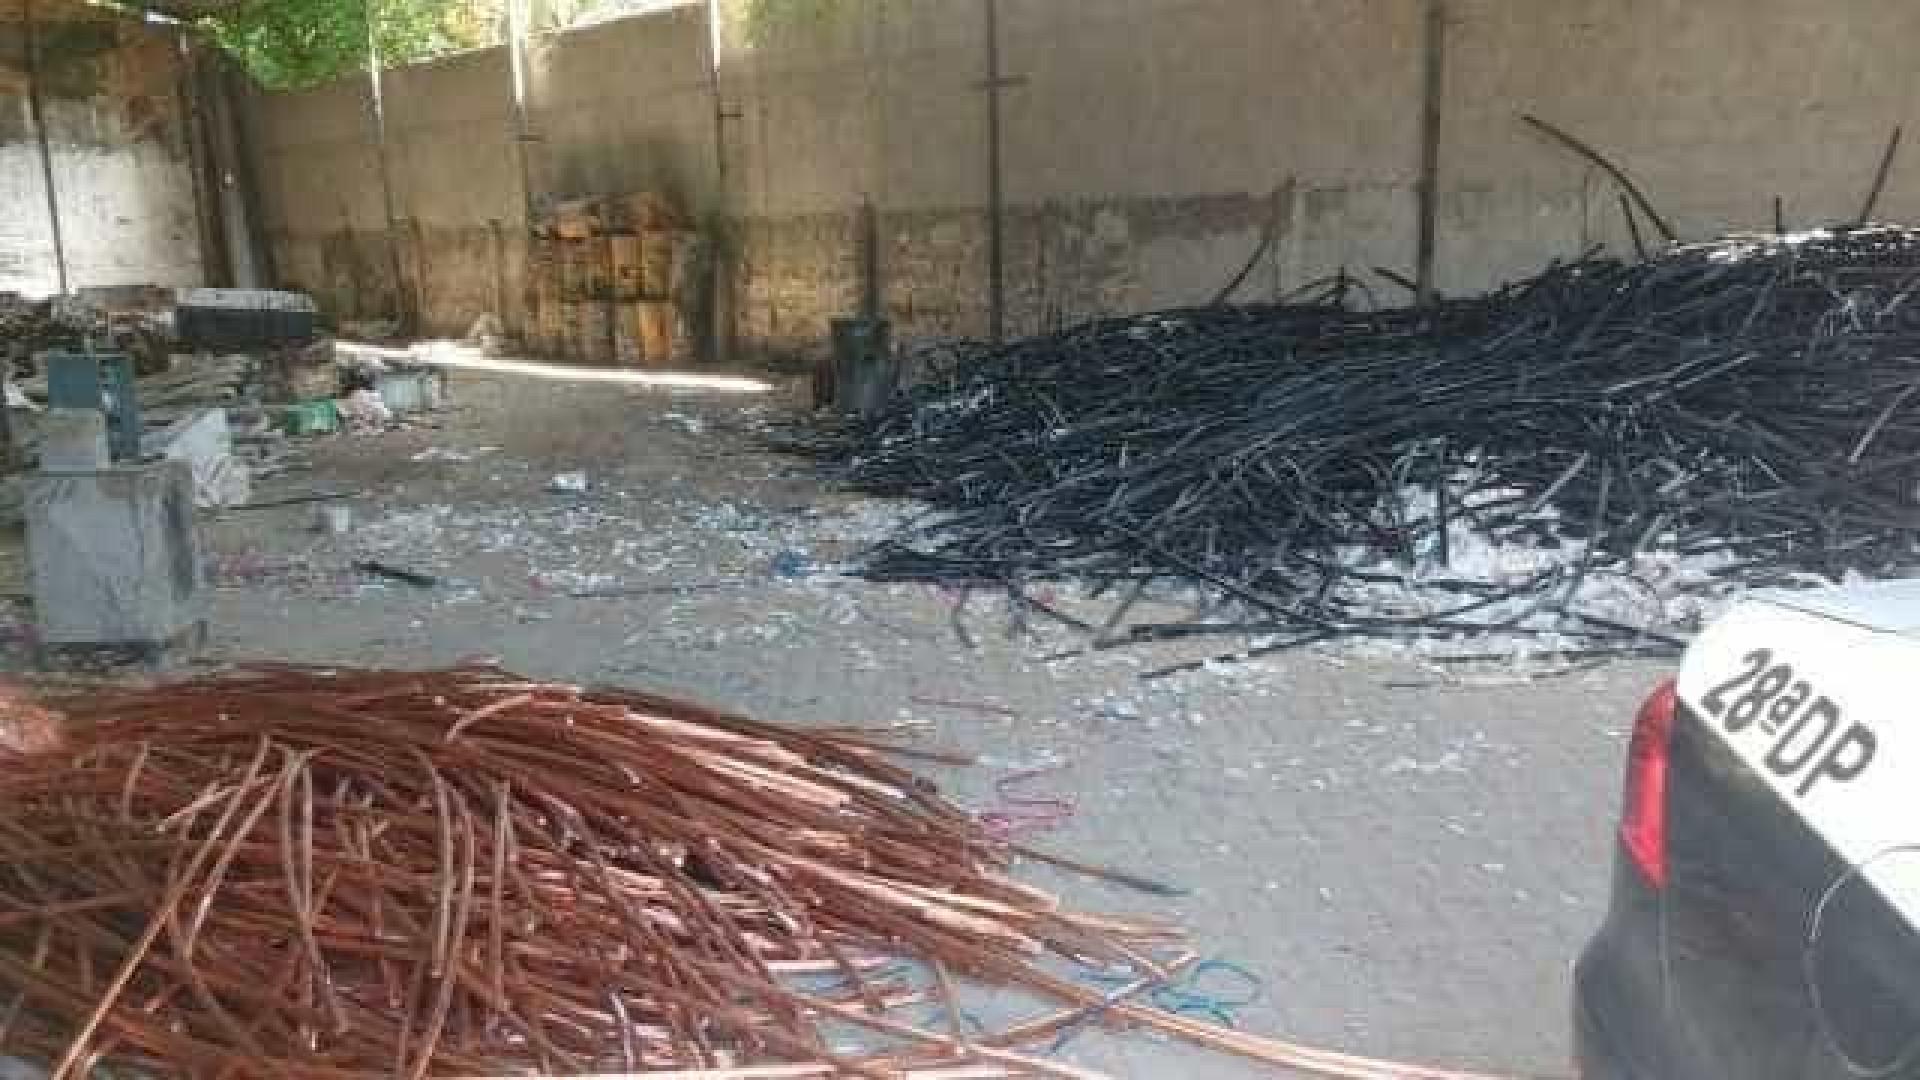 Polícia encontra rolos de fio cobre avaliados em quase R$ 1 milhão